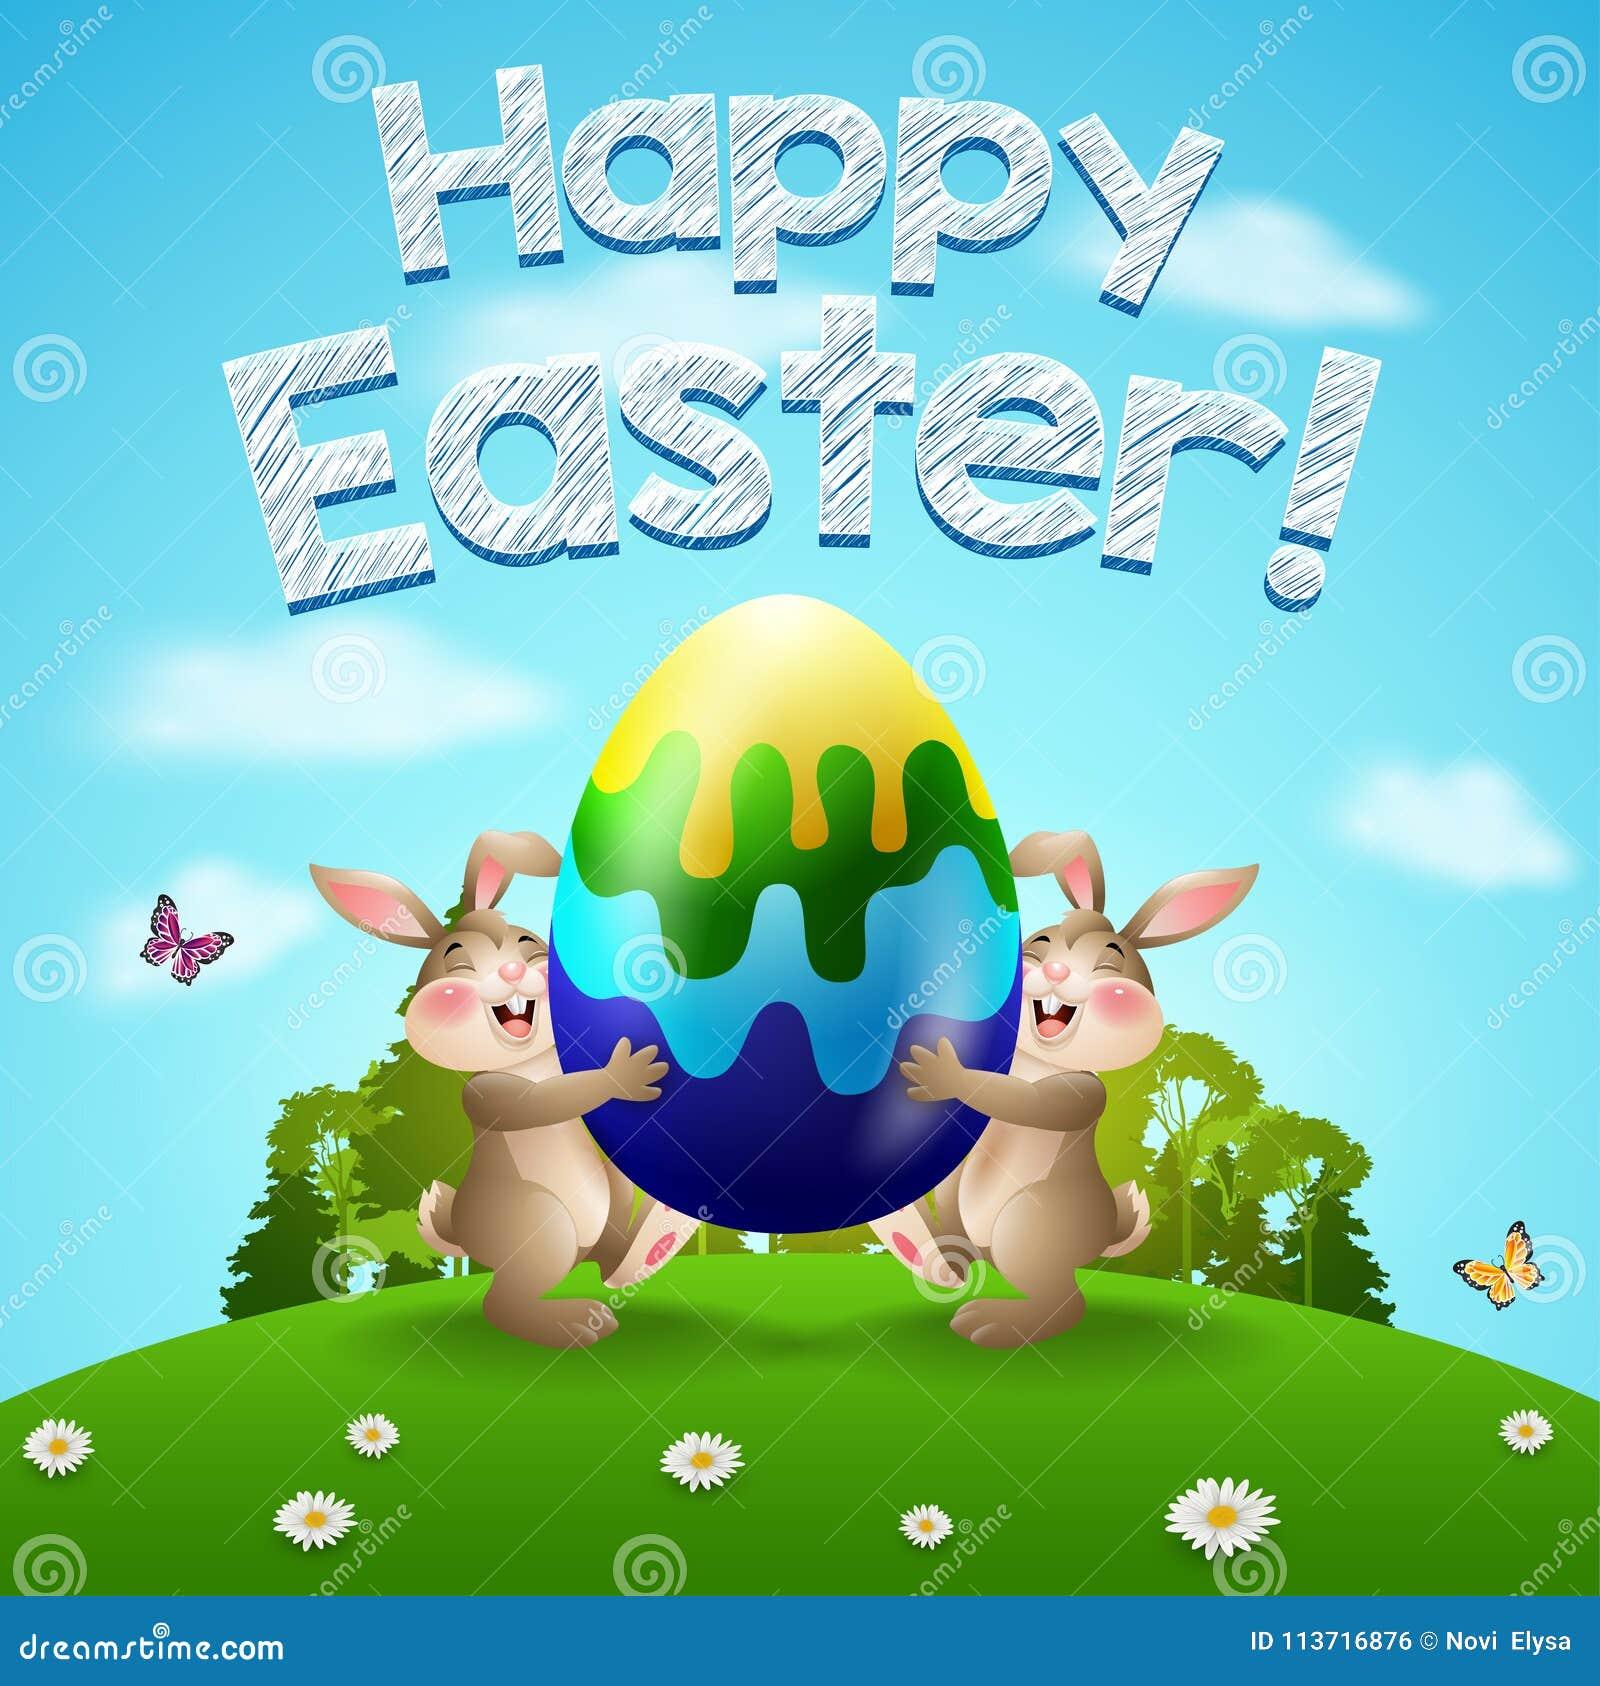 Ei Voor In De Tuin.Gelukkige Pasen Achtergrond Met Twee Konijnen En Ei Paashazen Die